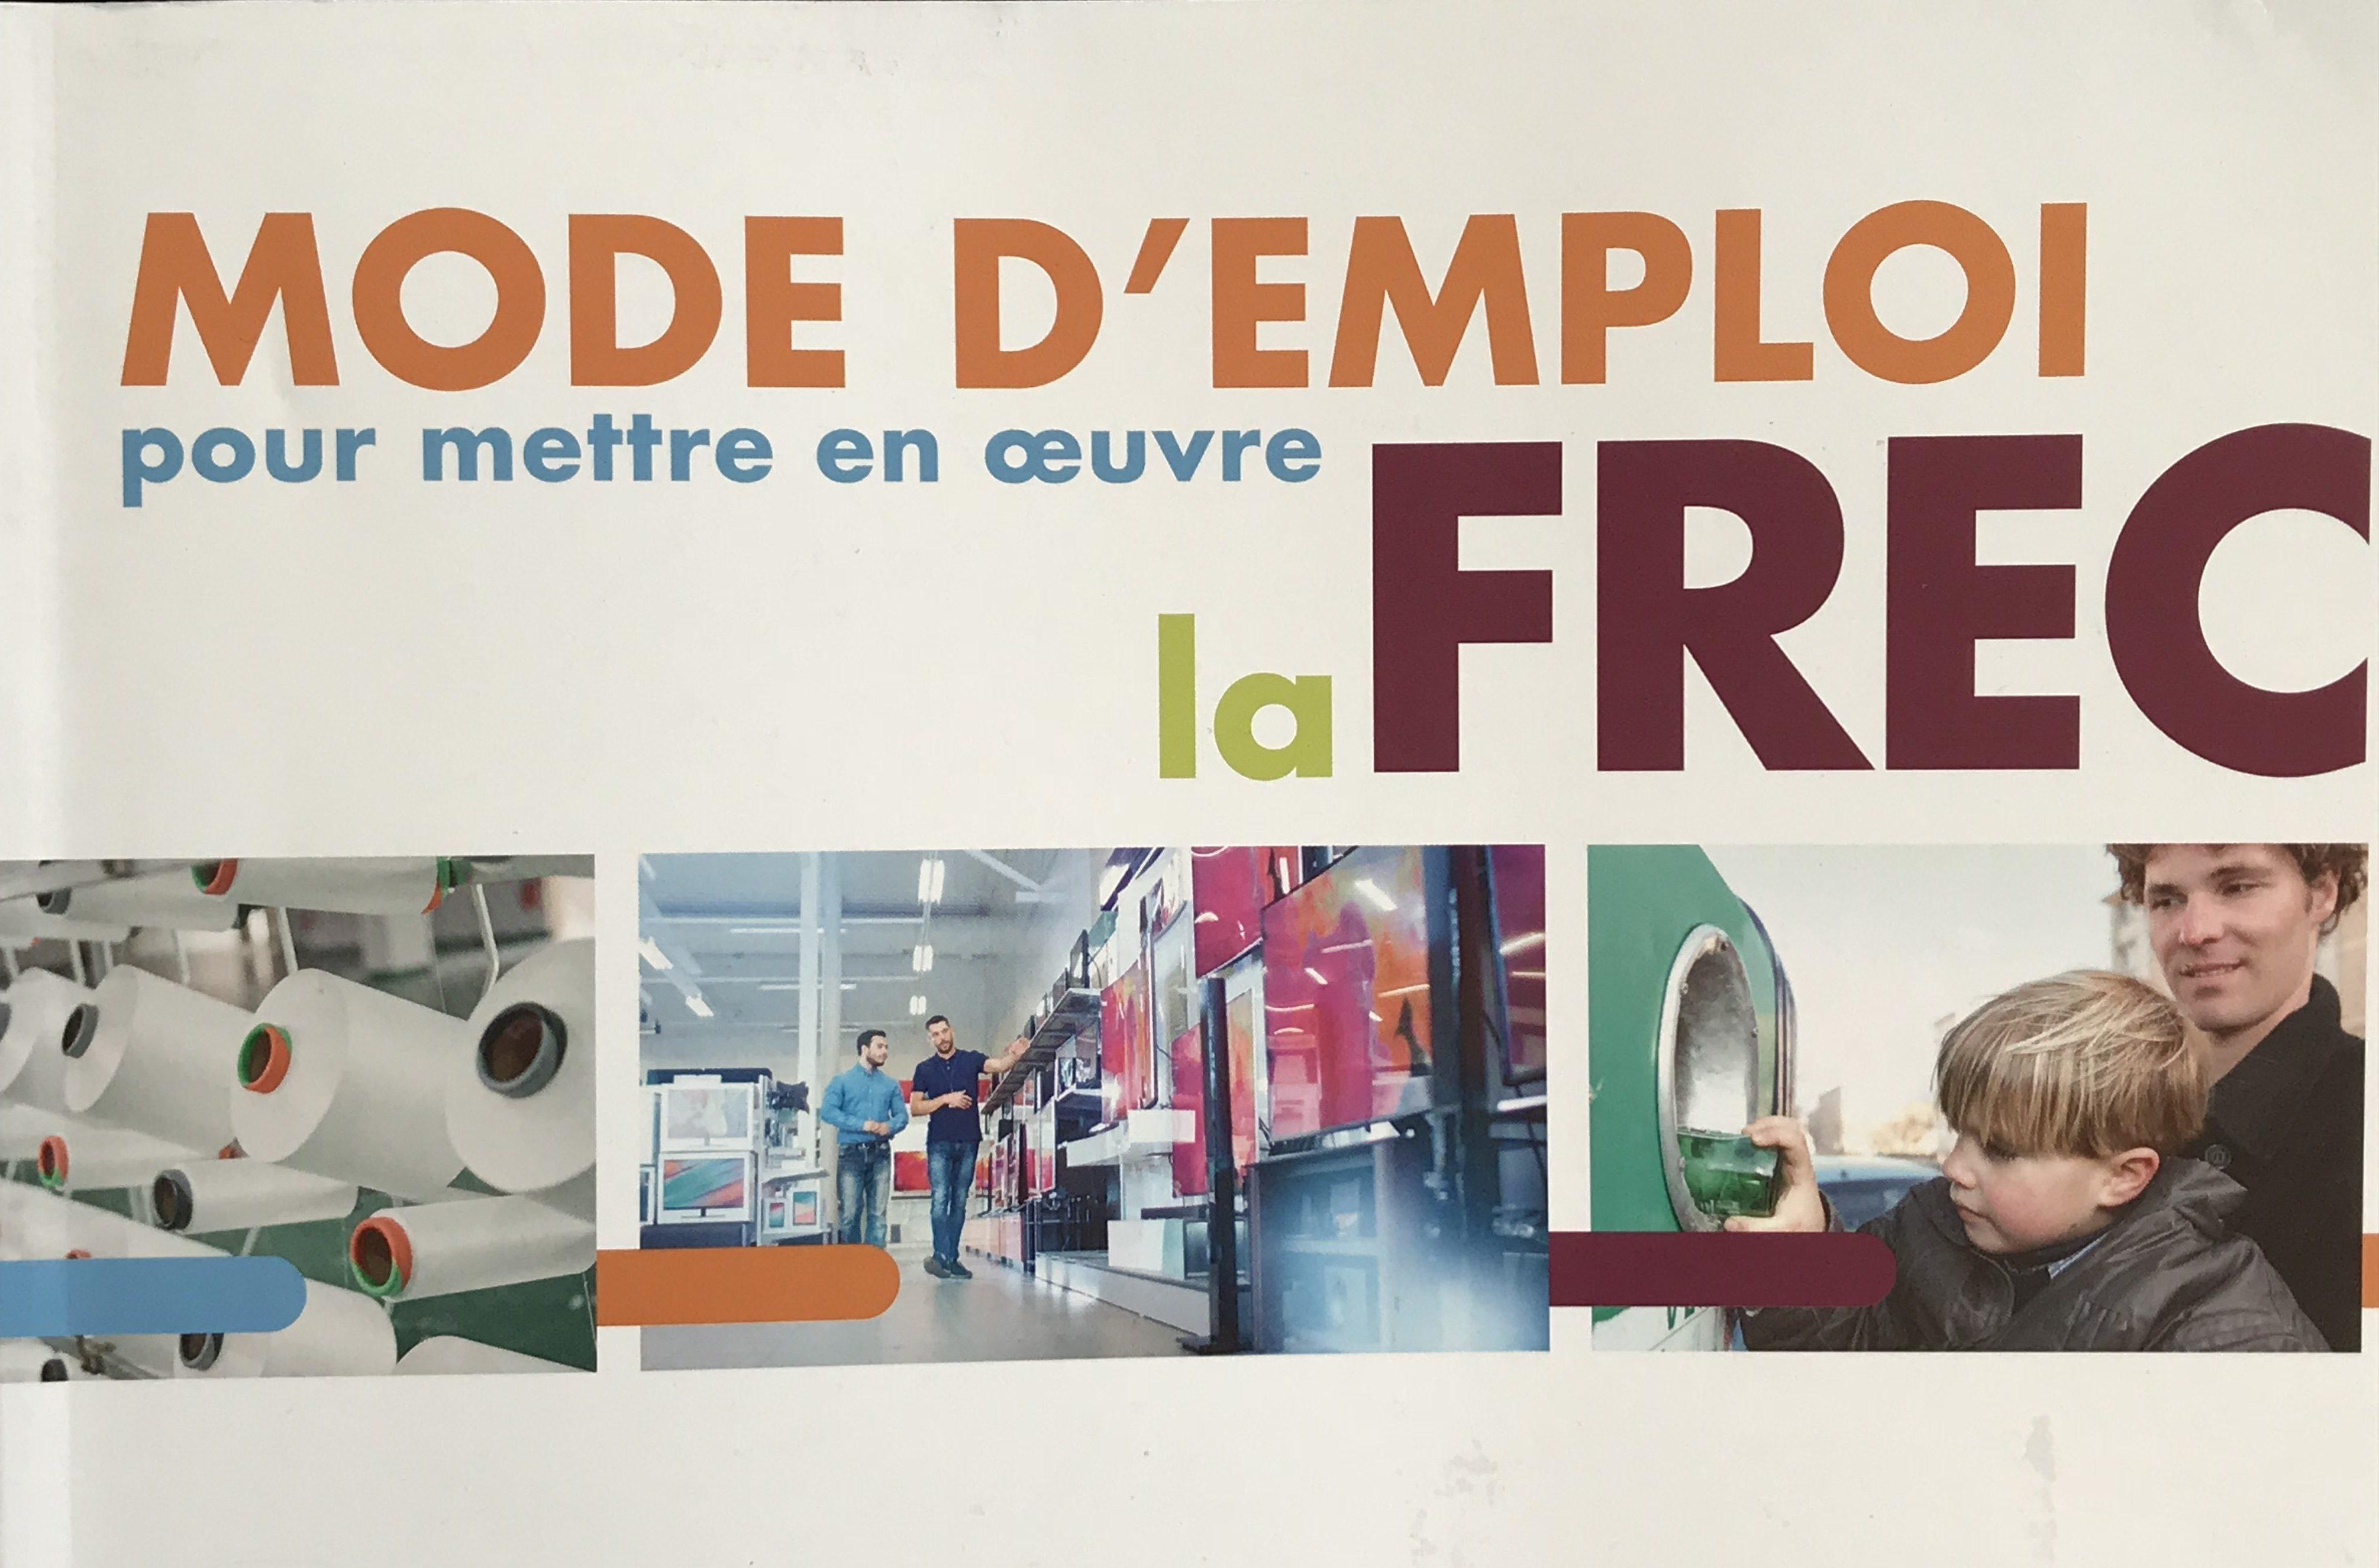 L'économie circulaire, mode d'emploi